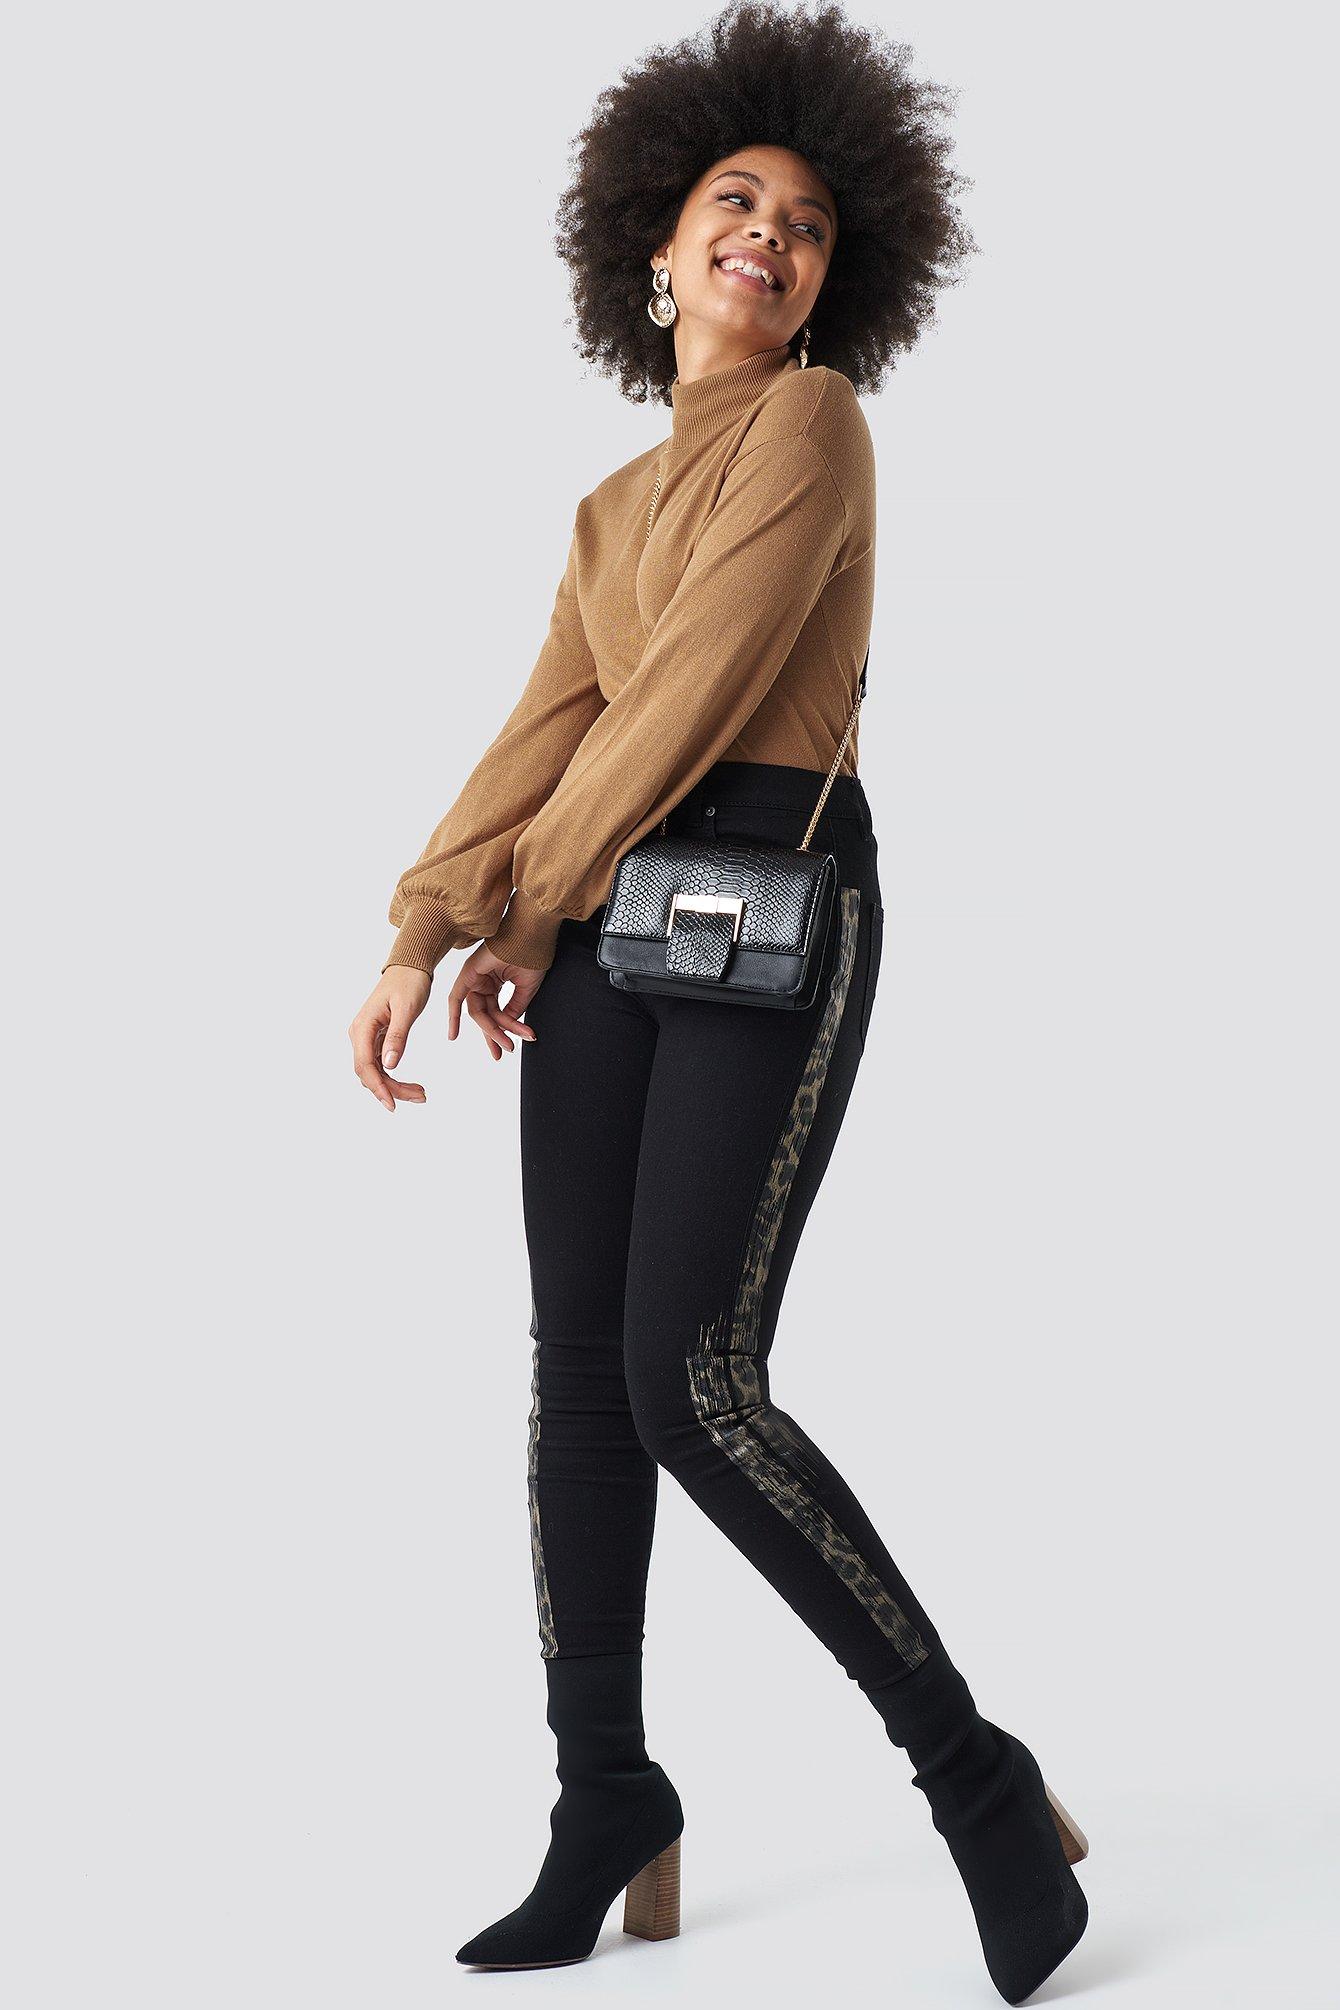 NA-KD Leopard Side Print High Waist Skinny Jeans - Black   Bekleidung > Jeans > Sonstige Jeans   NA-KD